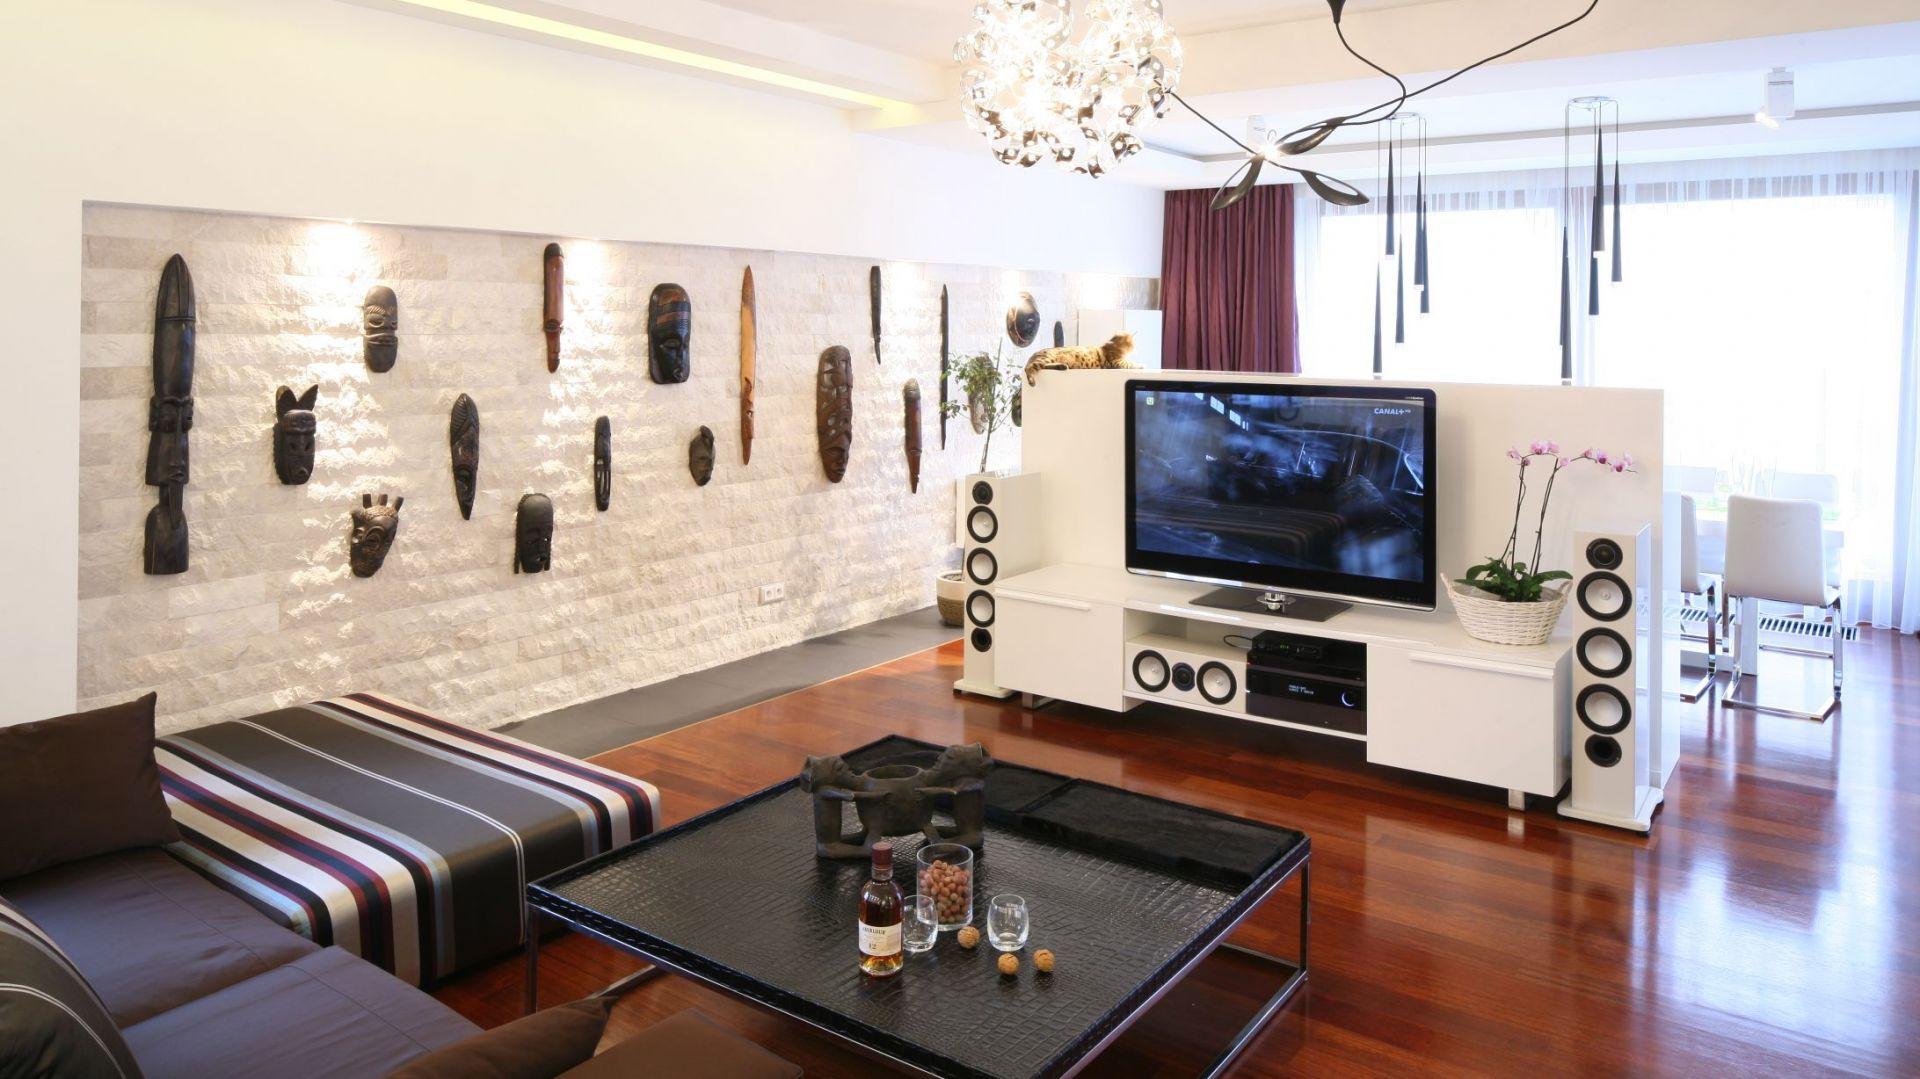 Telewizor umieszczony na specjalnej ściance może być doskonałą przegrodą rozdzielającą pomieszczenie. W tym mieszkaniu taką ścianką oddzielono salon od jadalni. Projekt: Katarzyna Mikulska-Sękalska. Fot. Bartosz Jarosz